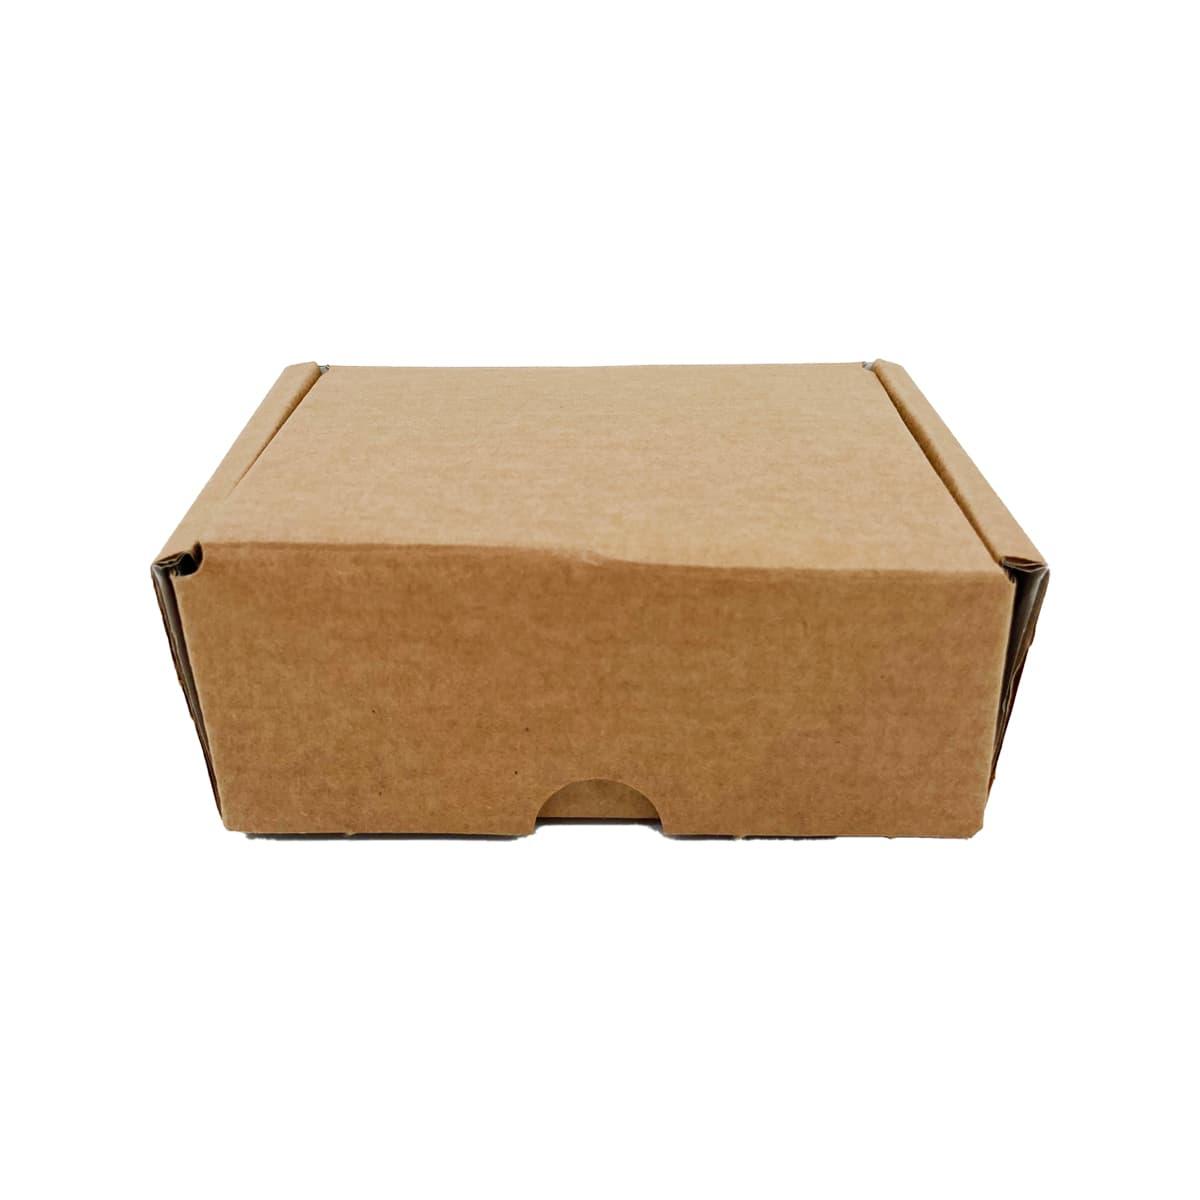 Kilitli Kutu Fiyatları